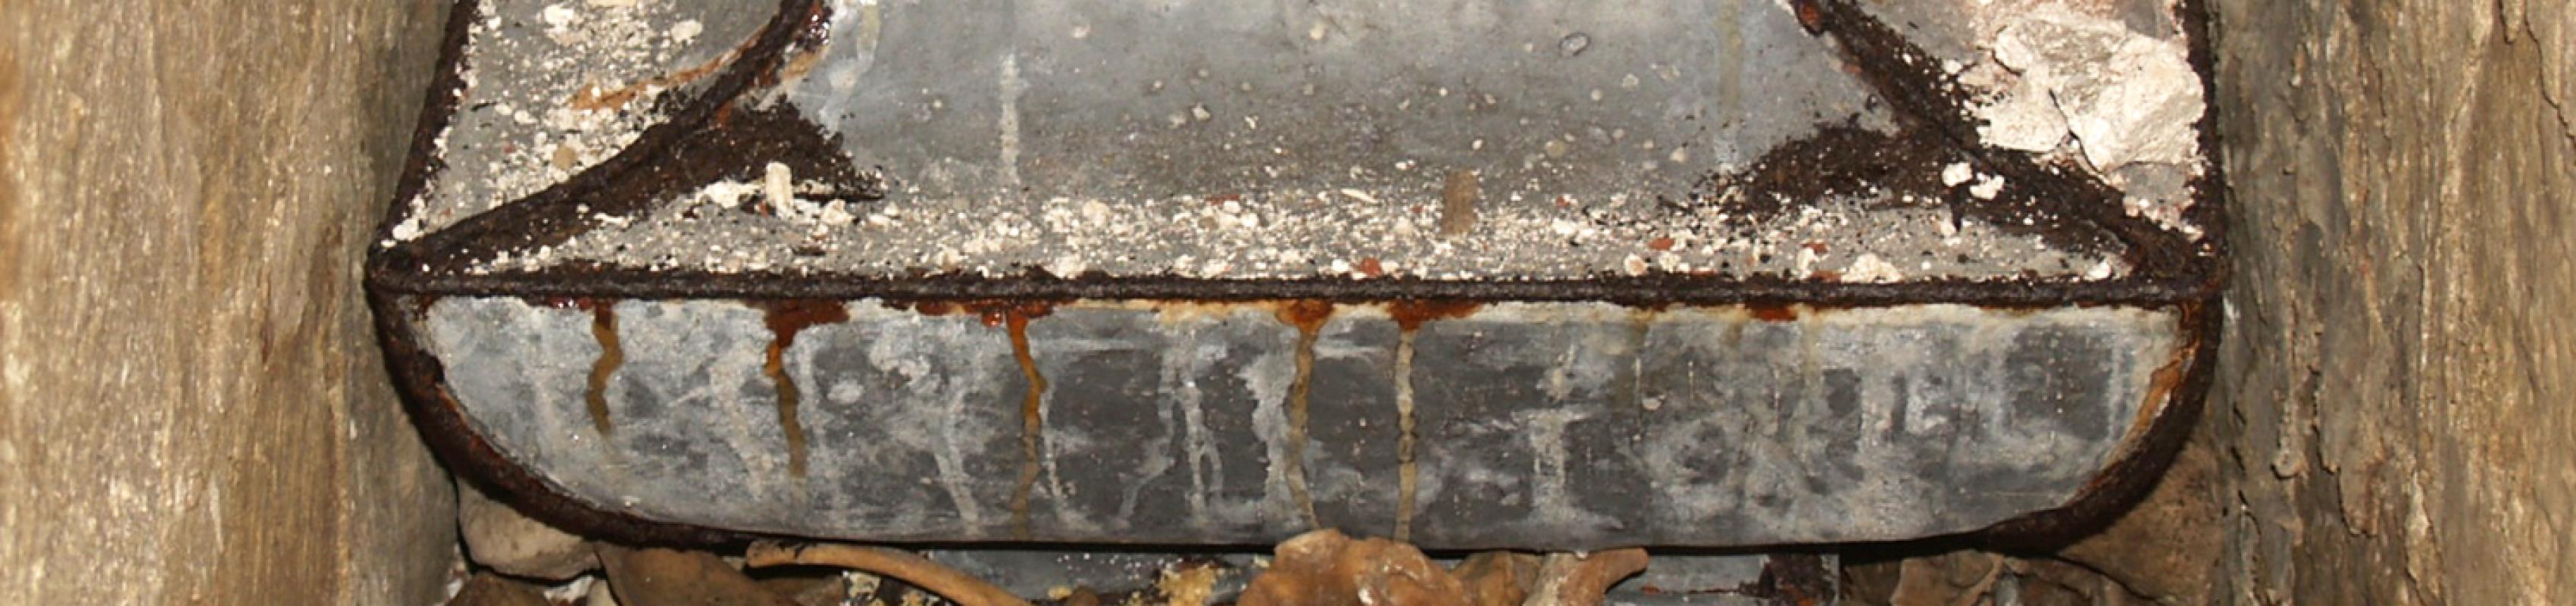 Restes conservades a l'interior del sepulcre (Autor: Maria Pujals)